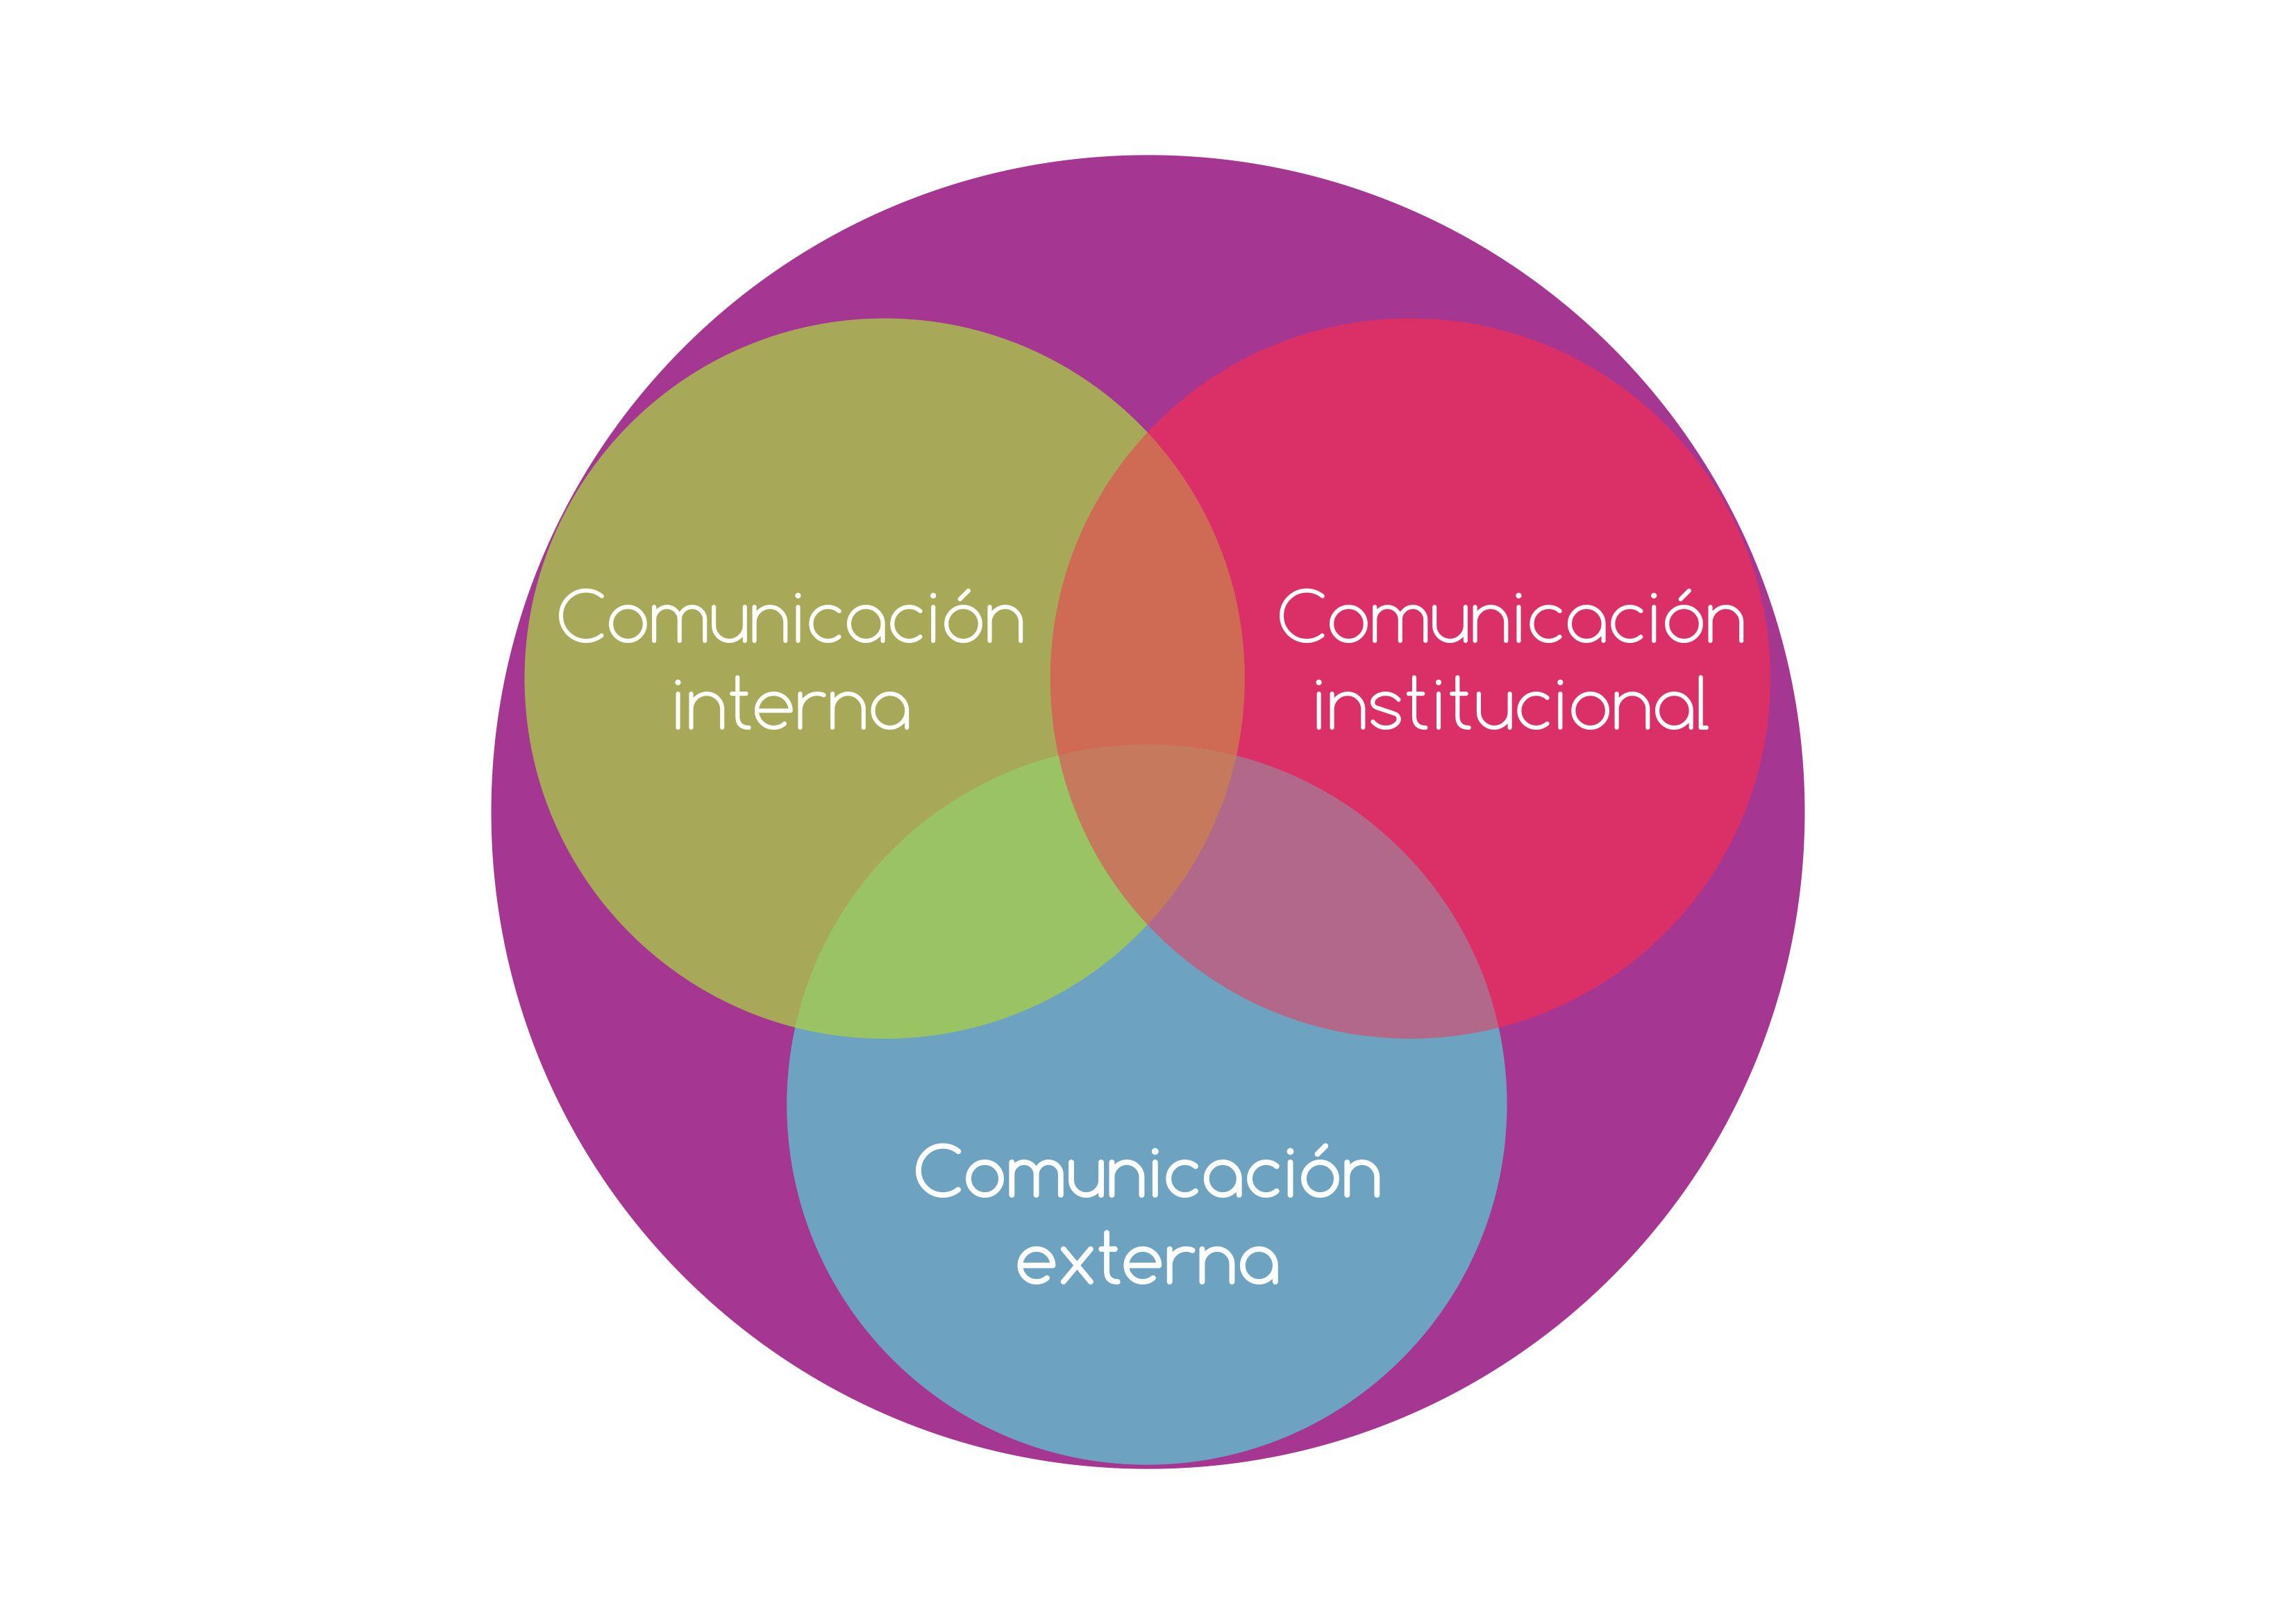 3 tipos de comunicación: interna, externa, institucional